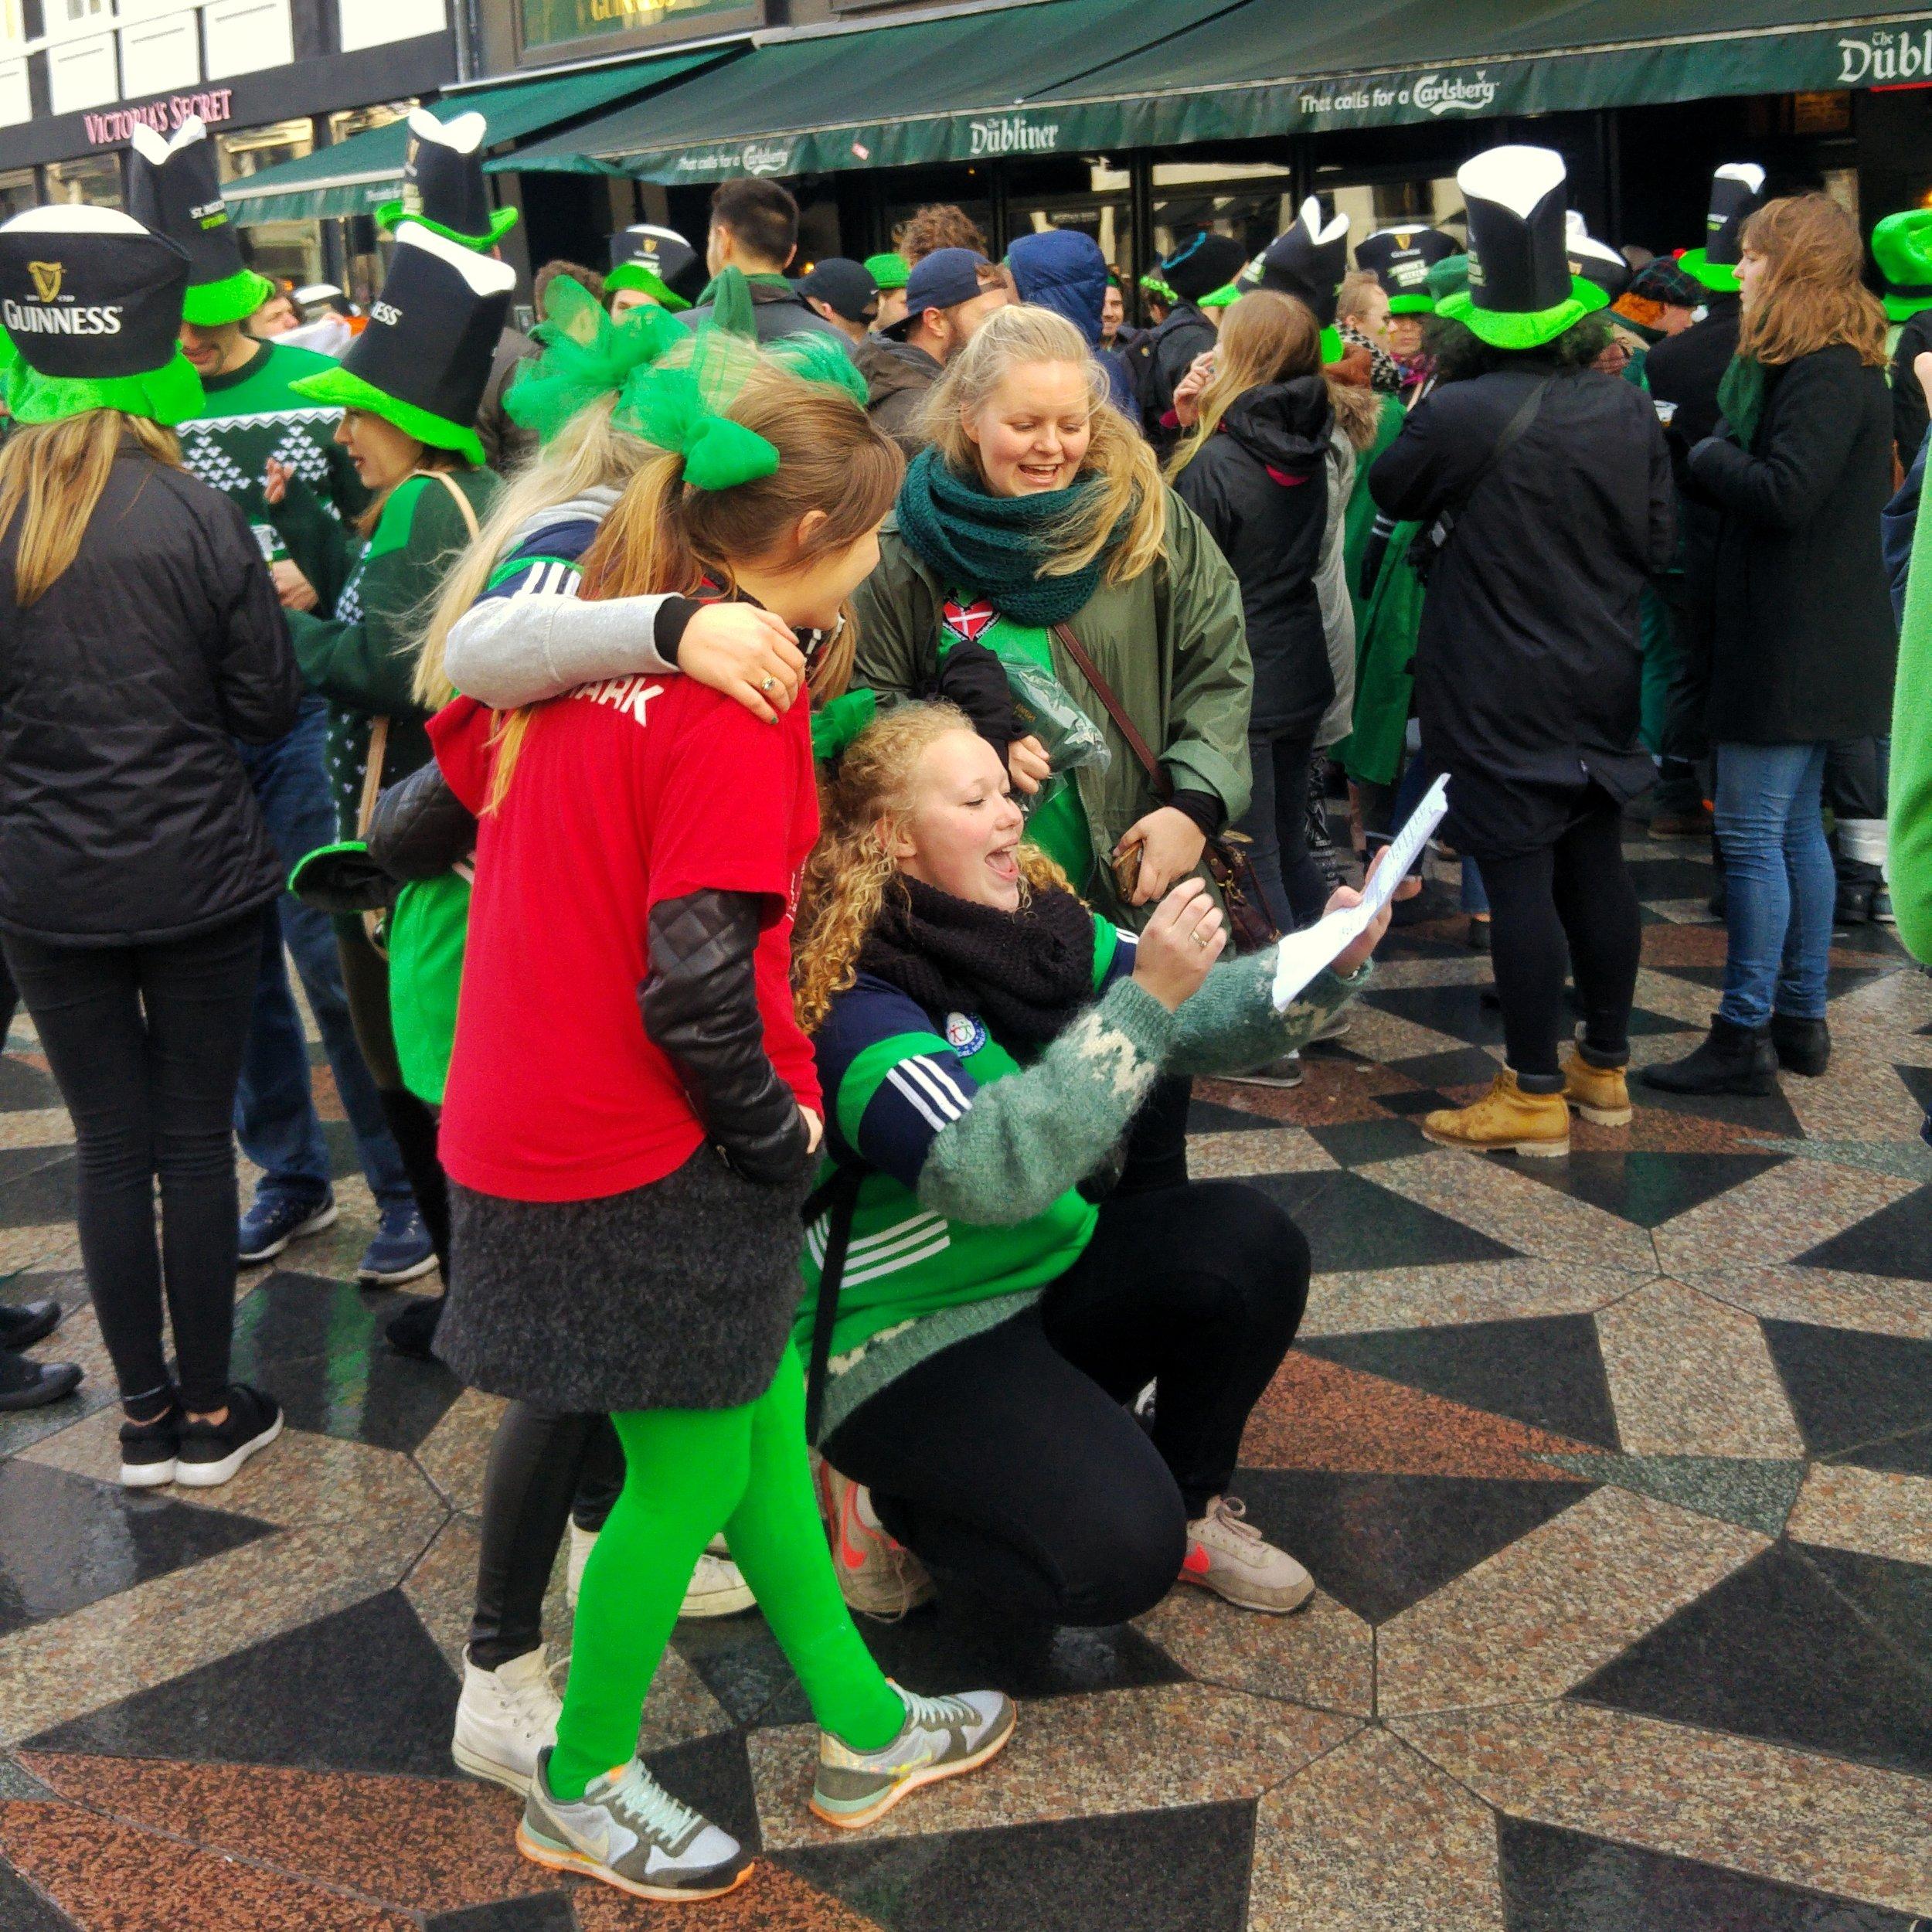 Sing-along outside the Dubliner